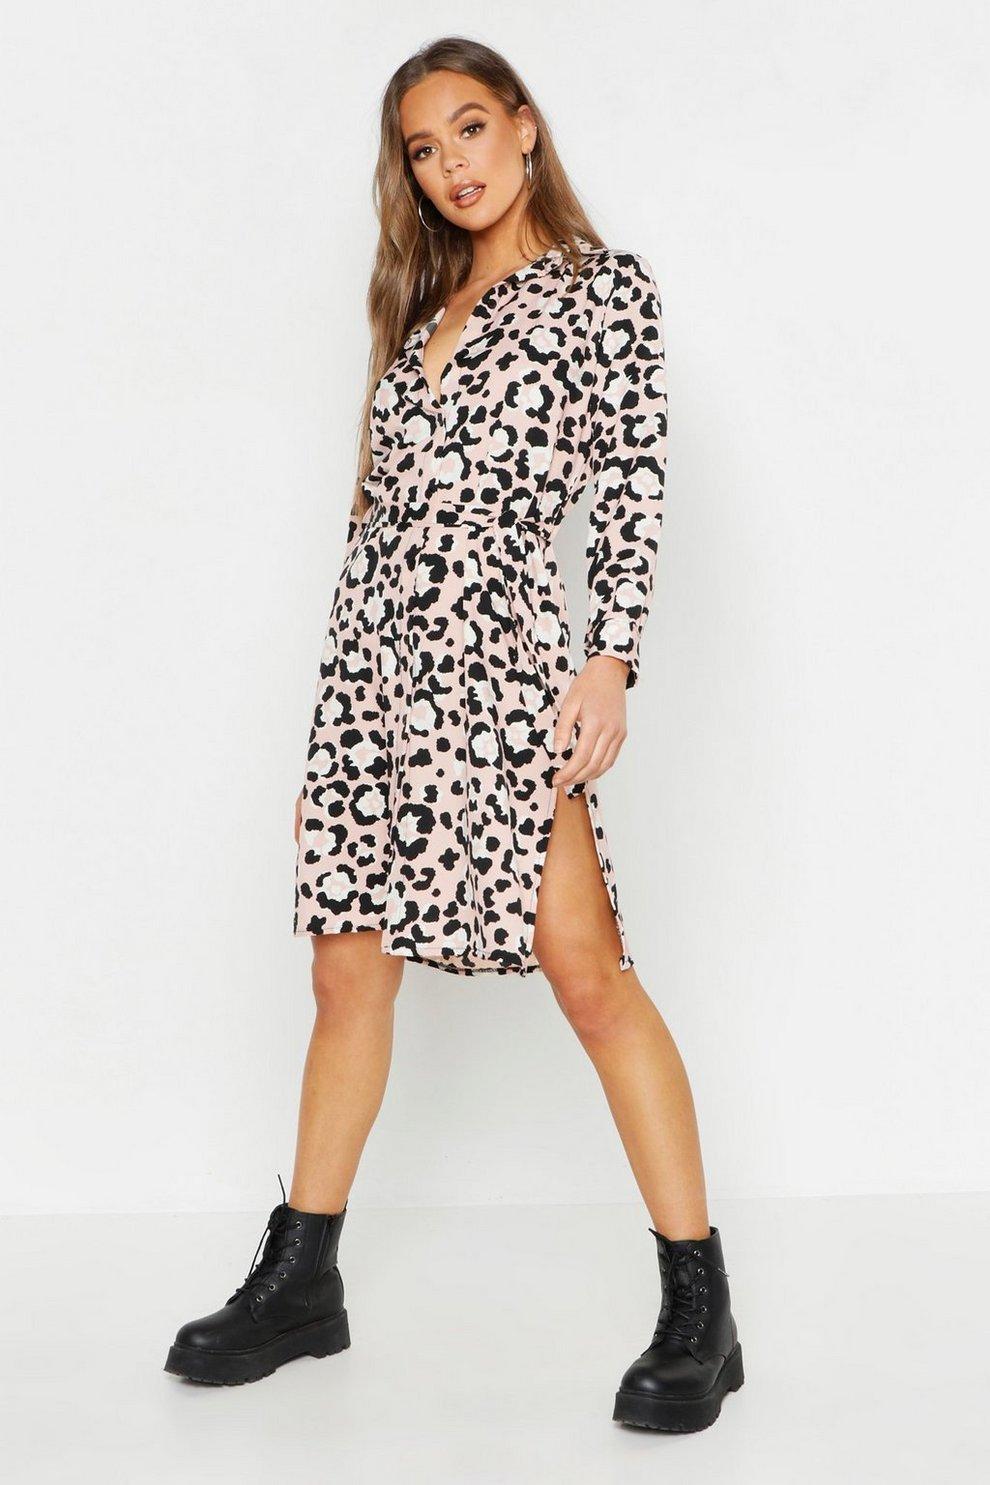 e87c453405 Vestido camisero largo tejido con cinturón anudado y estampado de leopardo